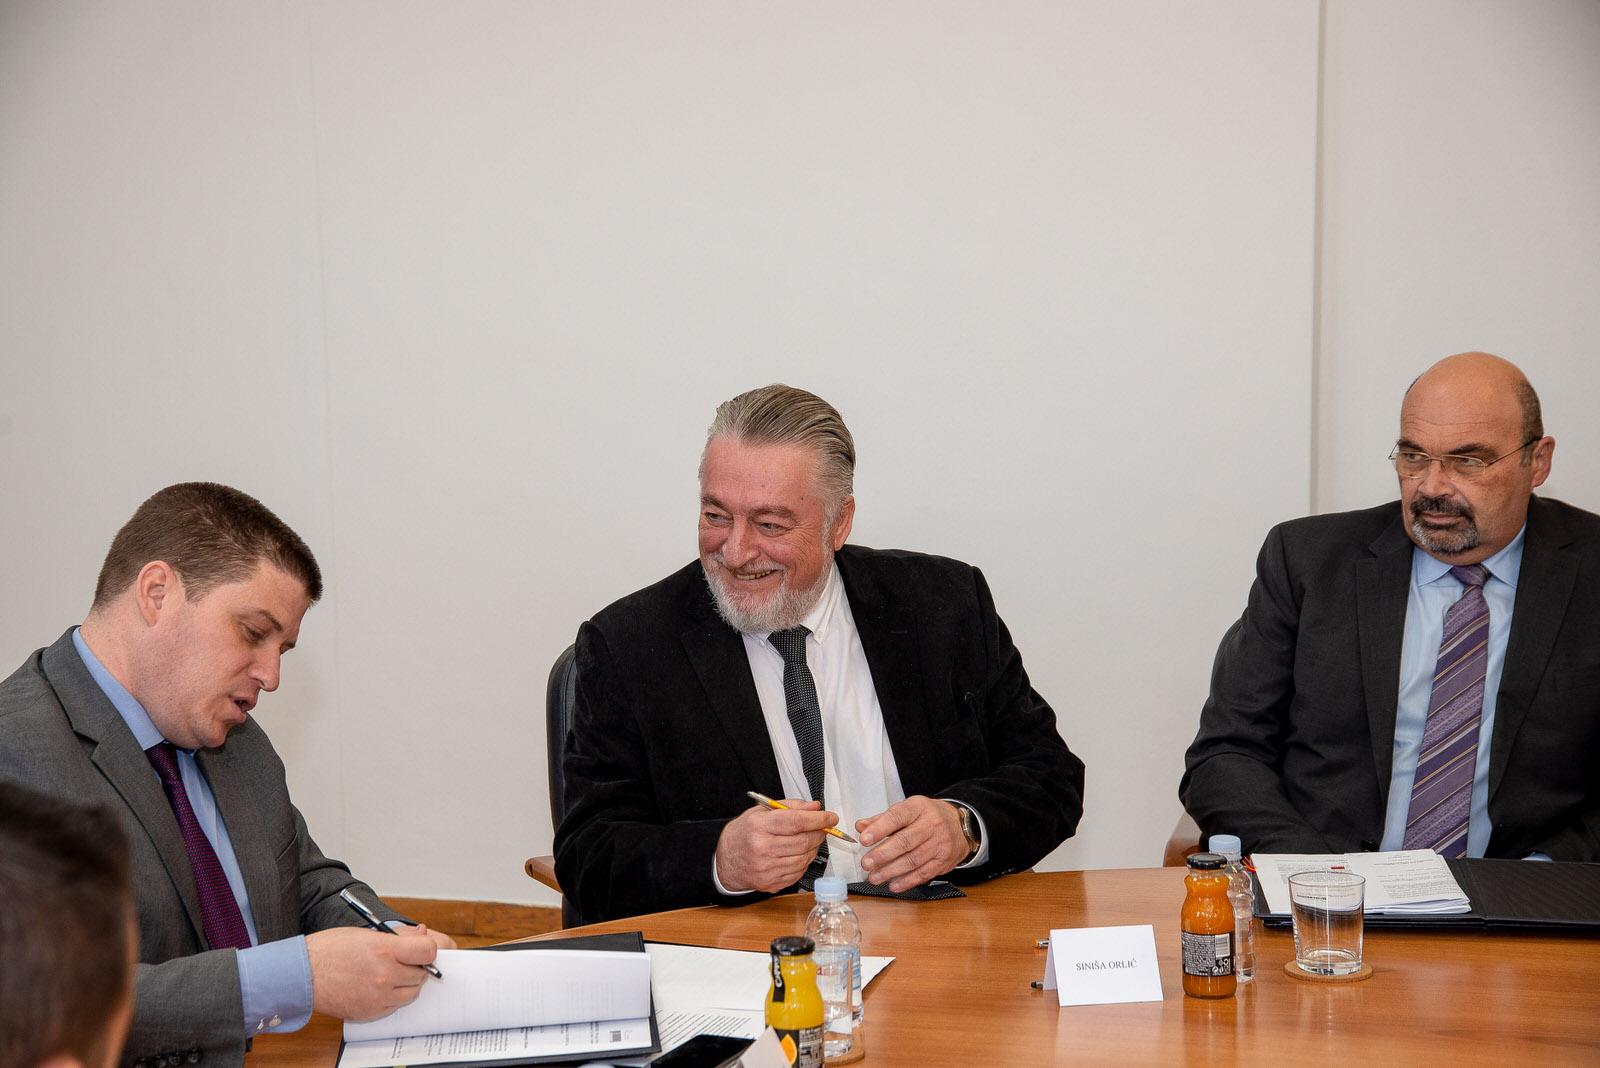 likaclub_svečanosti potpisivanja ugovora i sporazuma_lsž_28-2-2020 (15)